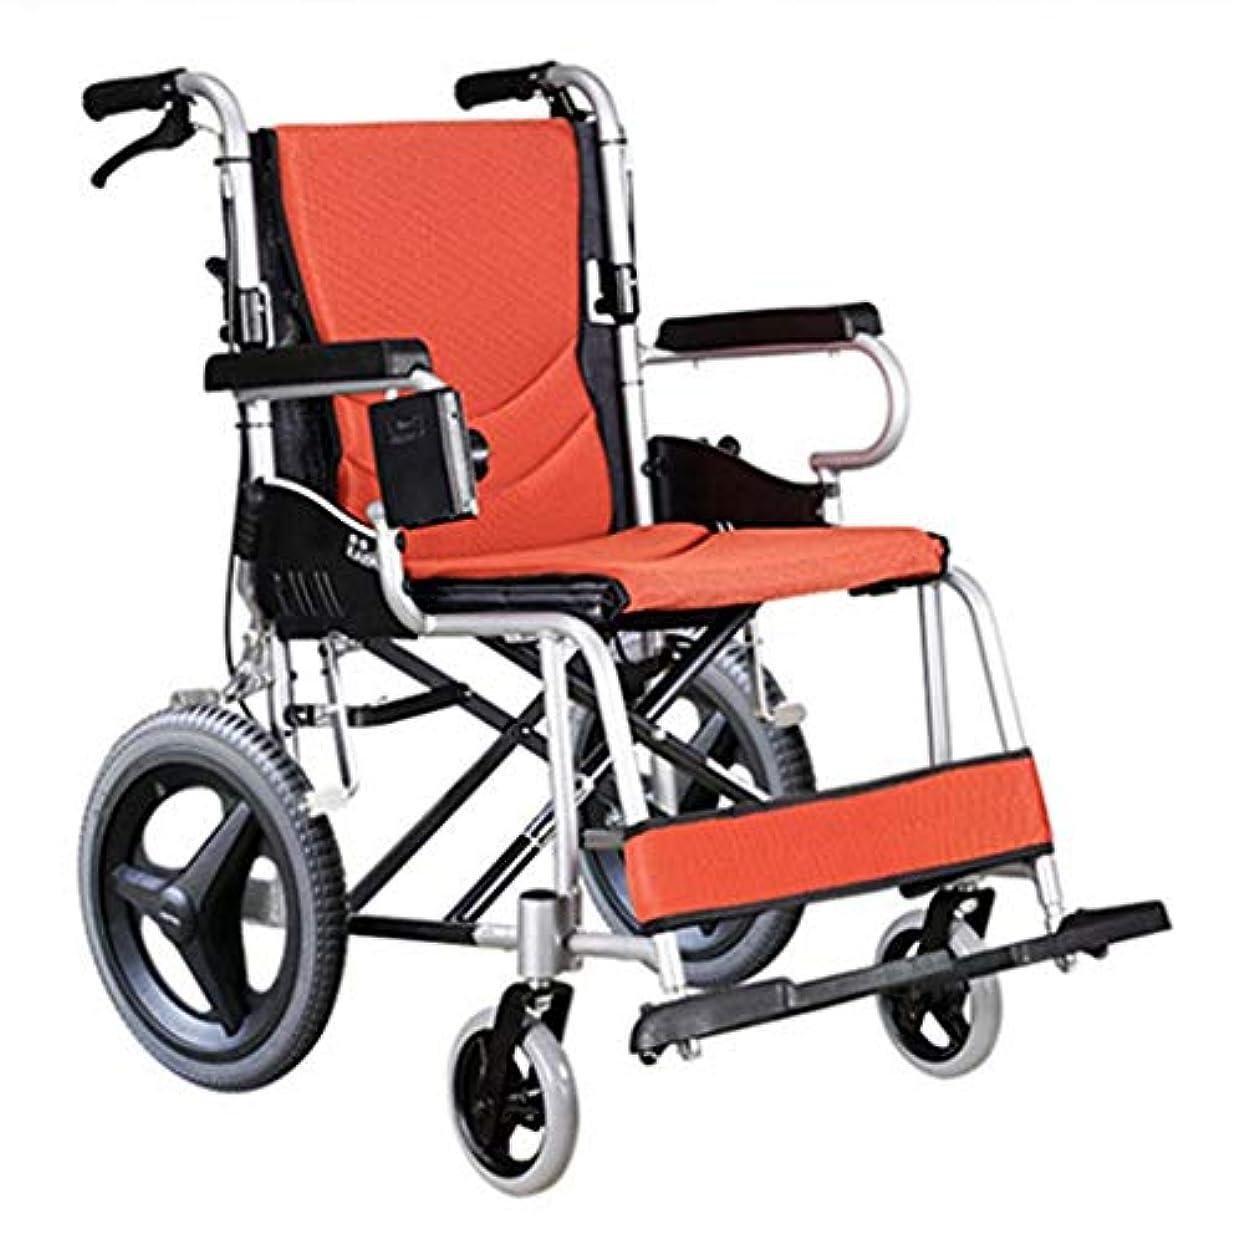 分注する生まれスポーツの試合を担当している人折りたたみ車椅子、航空用アルミニウム合金車椅子ソリッドタイヤ、高齢者向けダブルブレーキデザイン野外活動車椅子トロリー